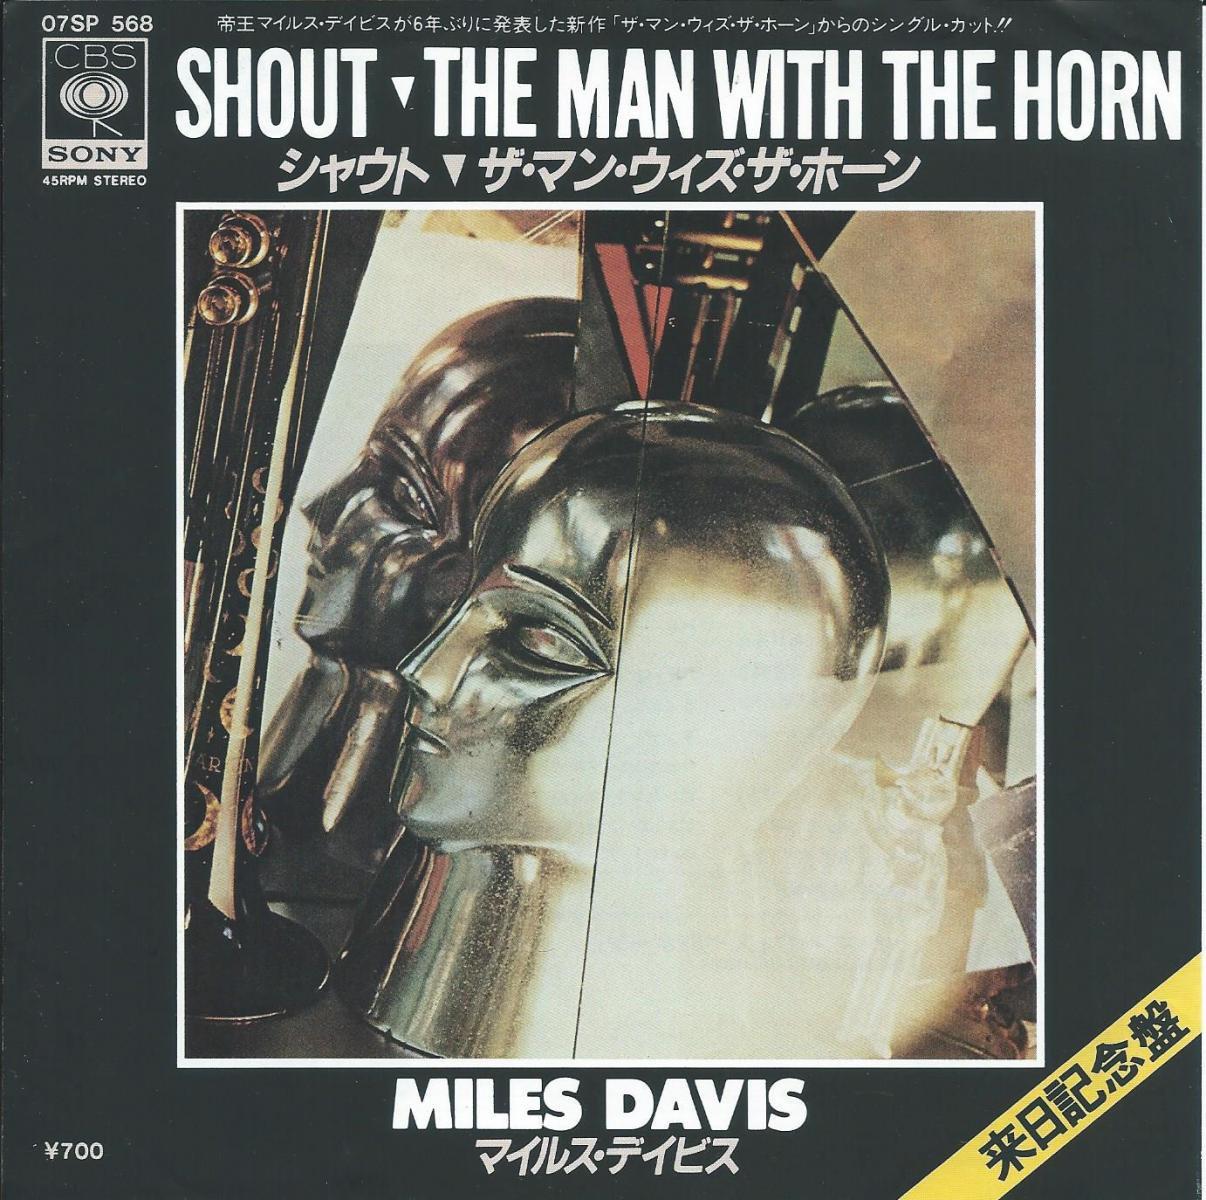 マイルス・デイビス MILES DAVIS / シャウト SHOUT / ザ・マン・ウィズ・ザ・ボーン THE MAN WITH THE HORN (7